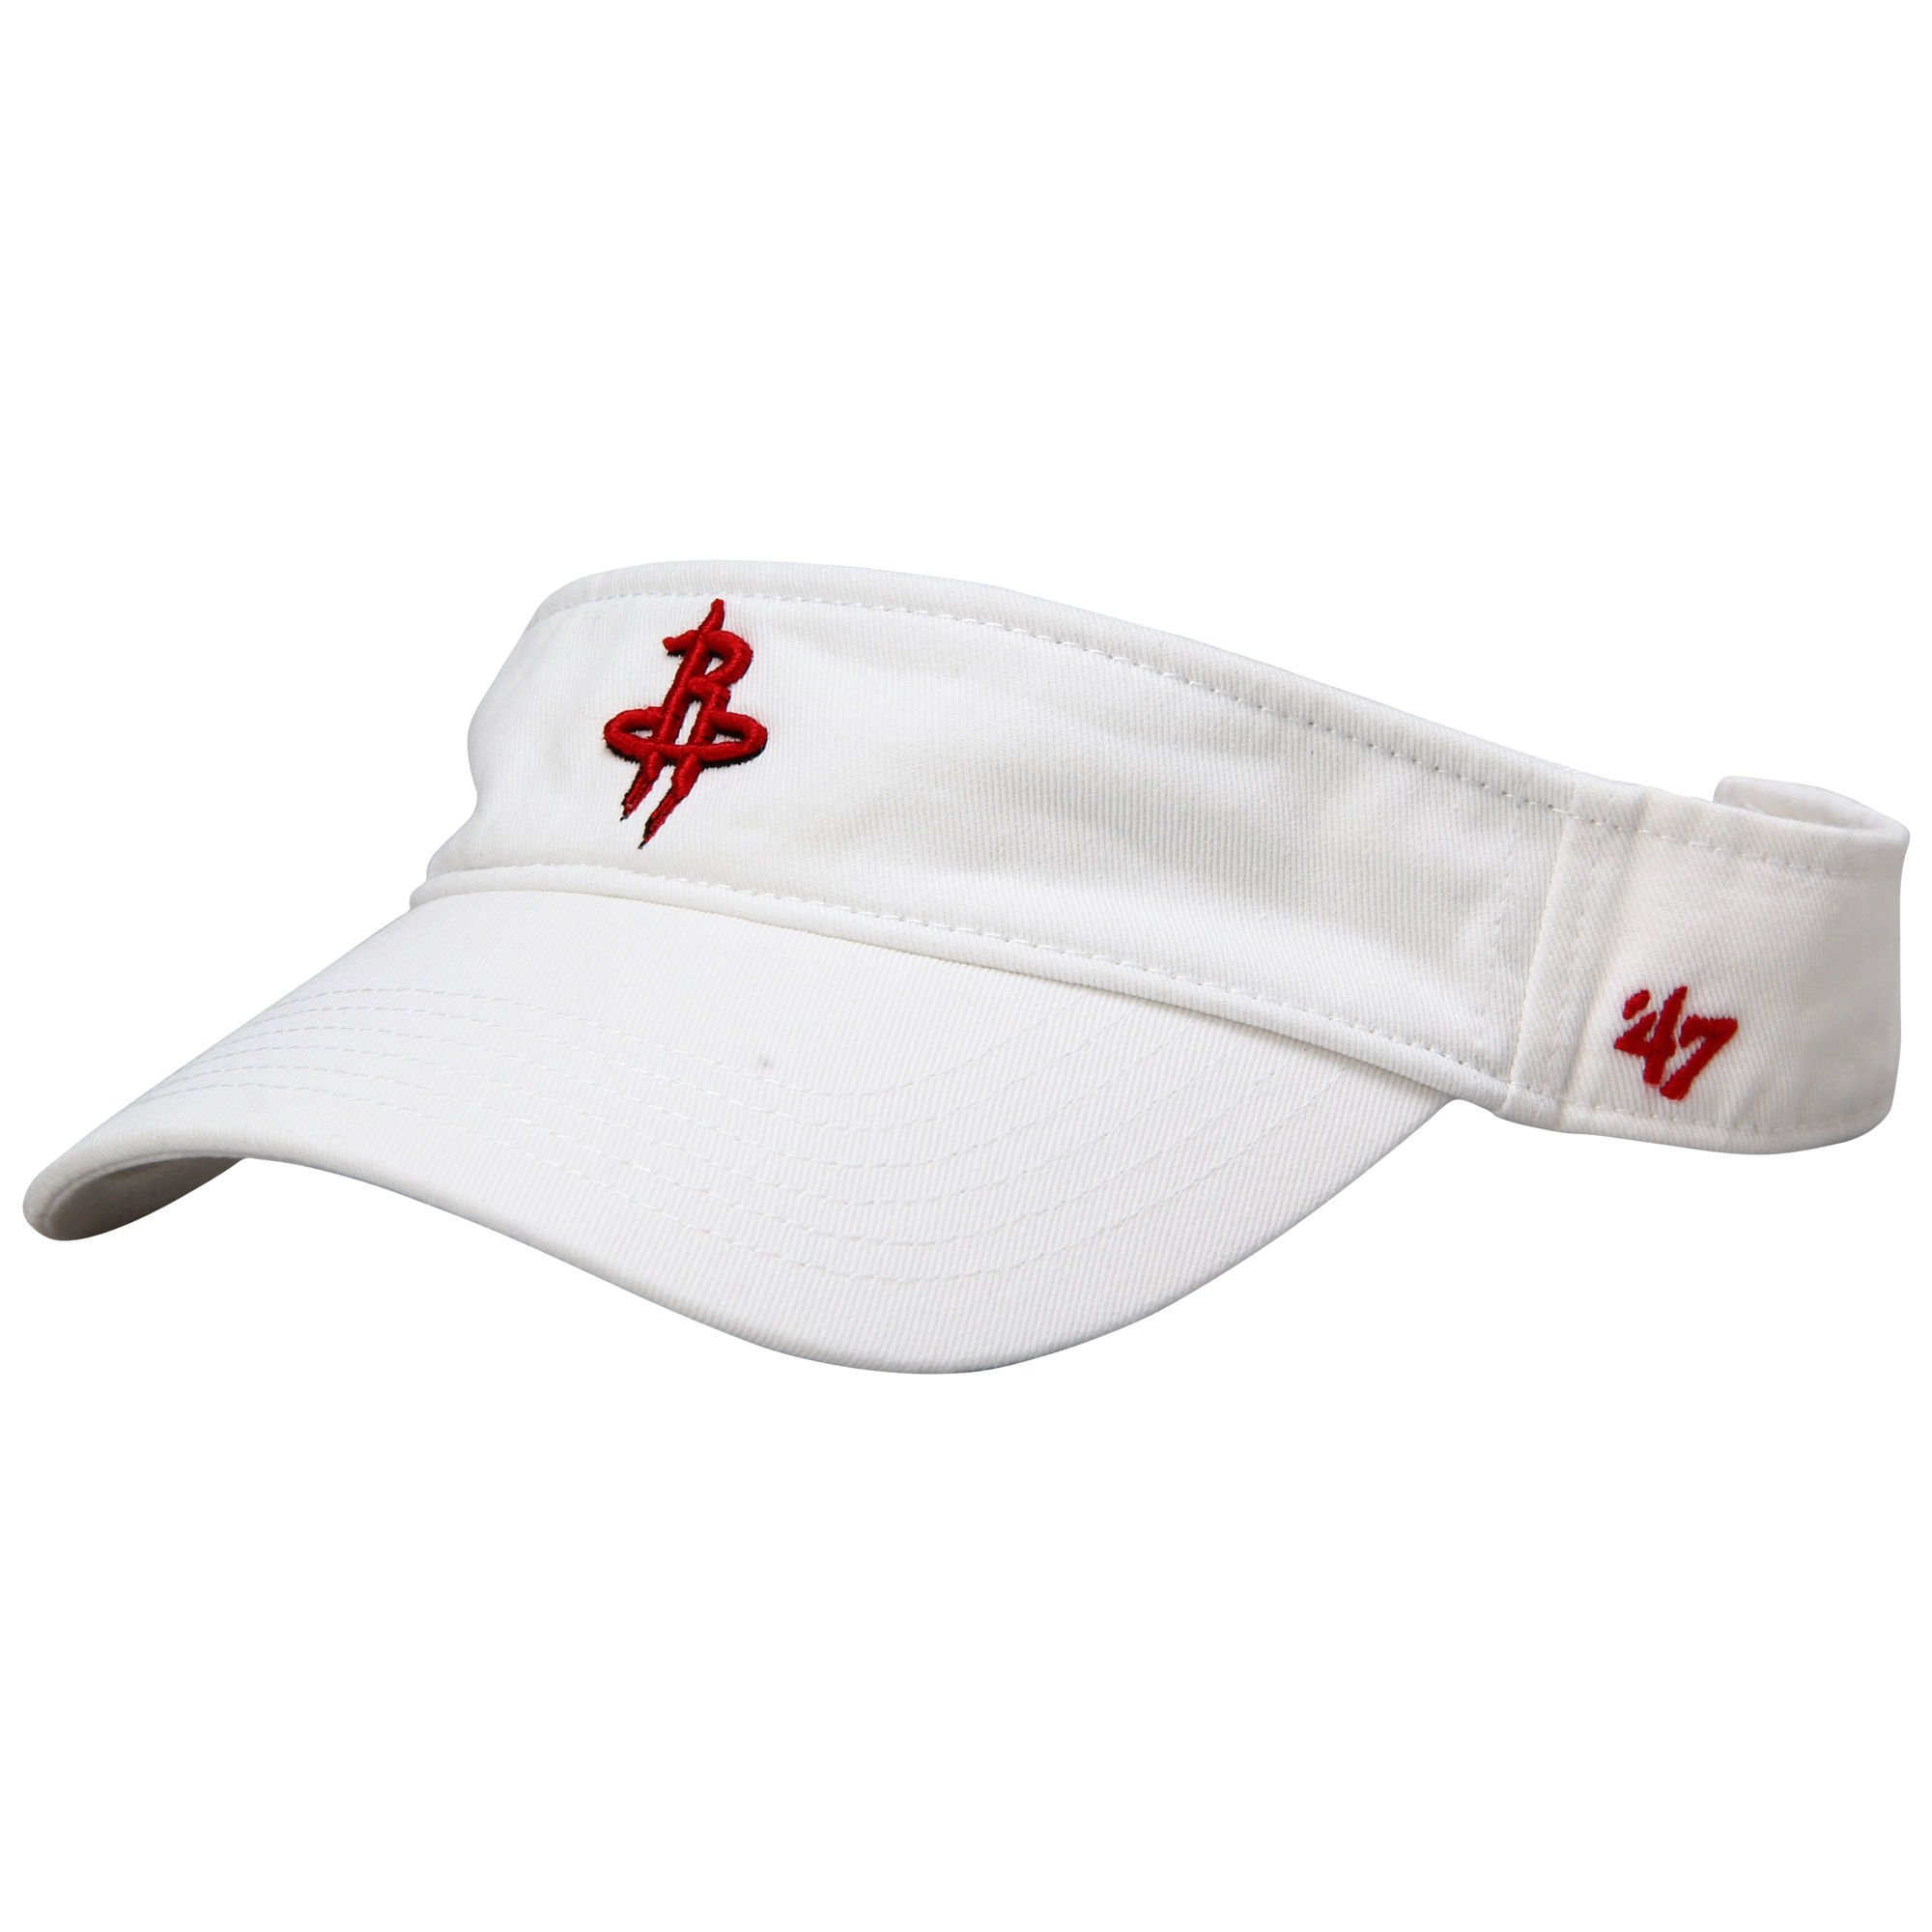 Houston Rockets '47 Brand Women's Visor White